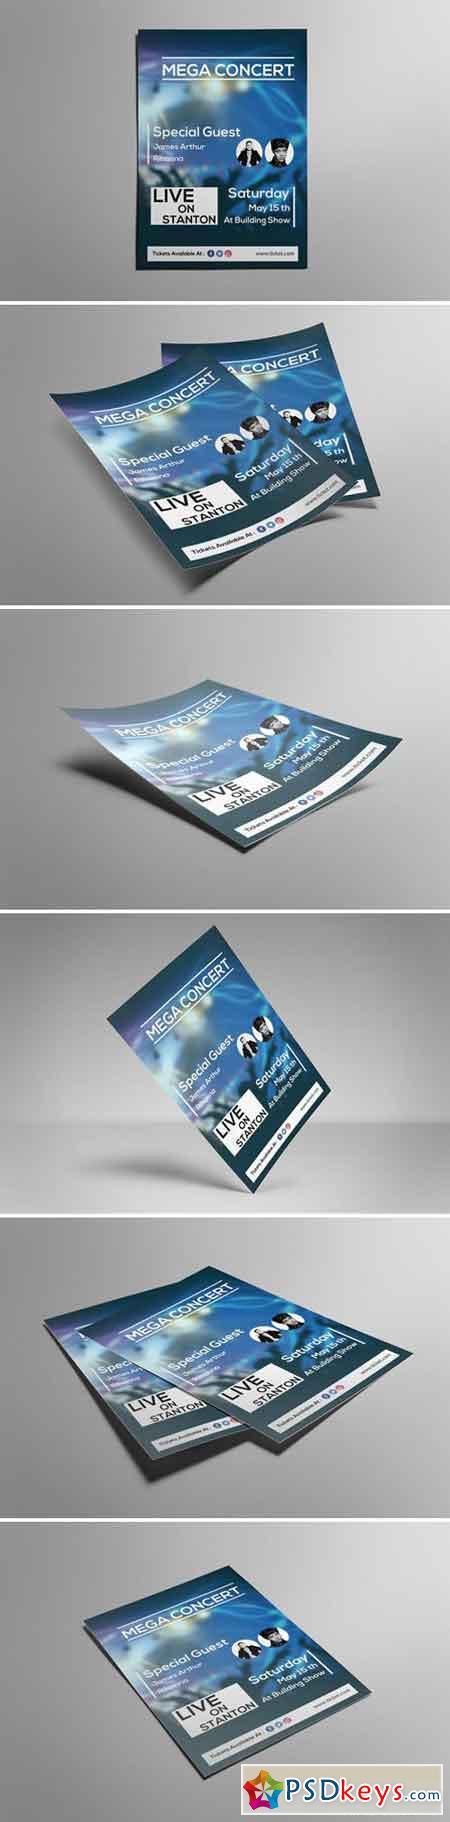 Concert » Free Download Photoshop Vector Stock image Via Torrent ...